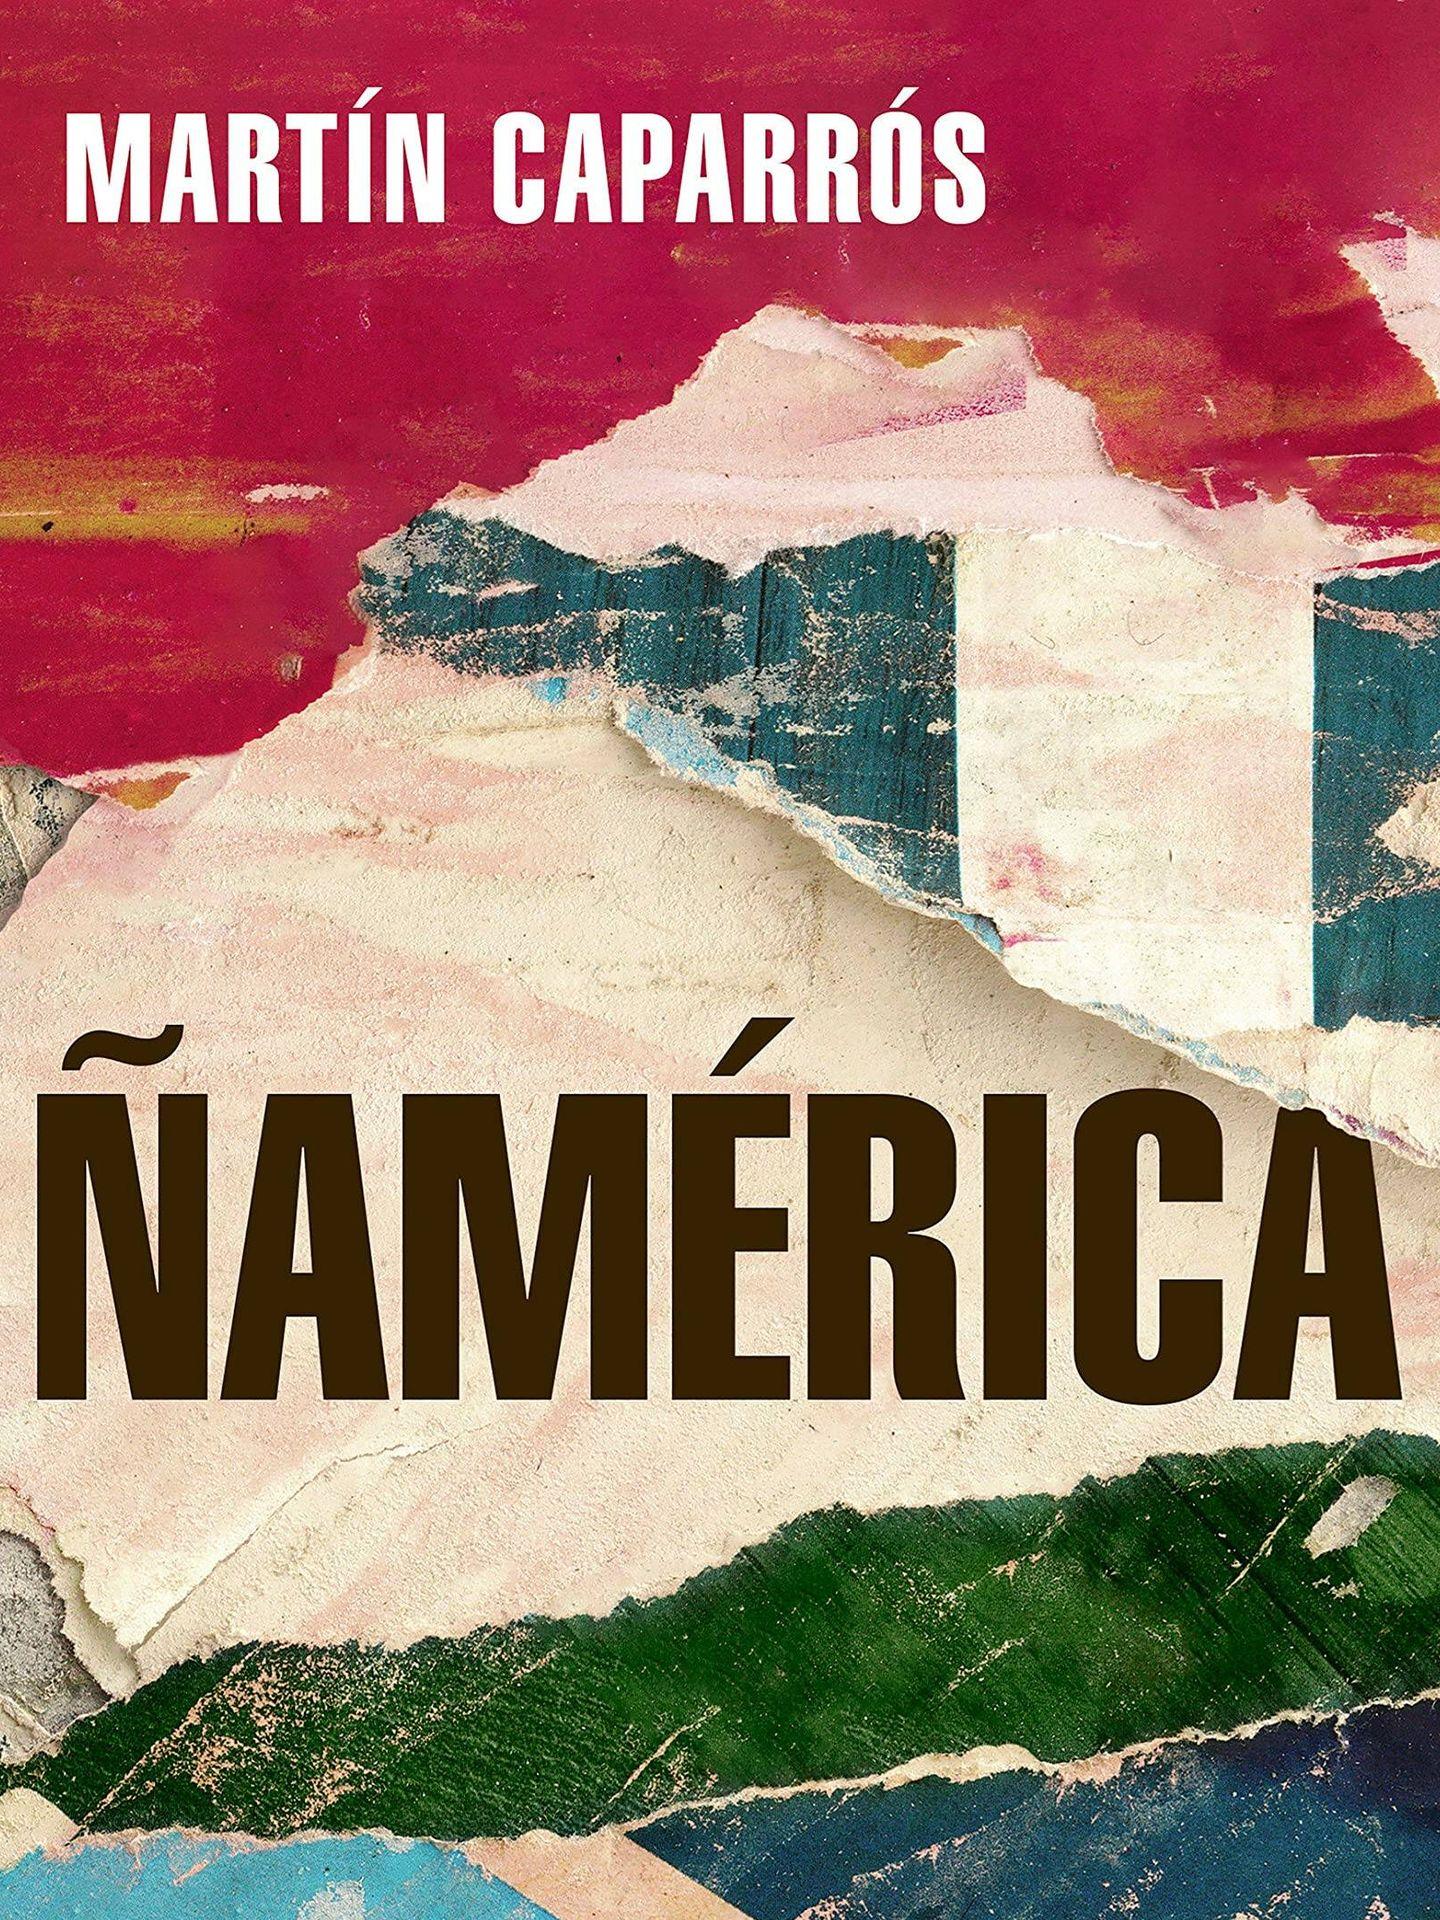 'Ñamérica'. (Random House)